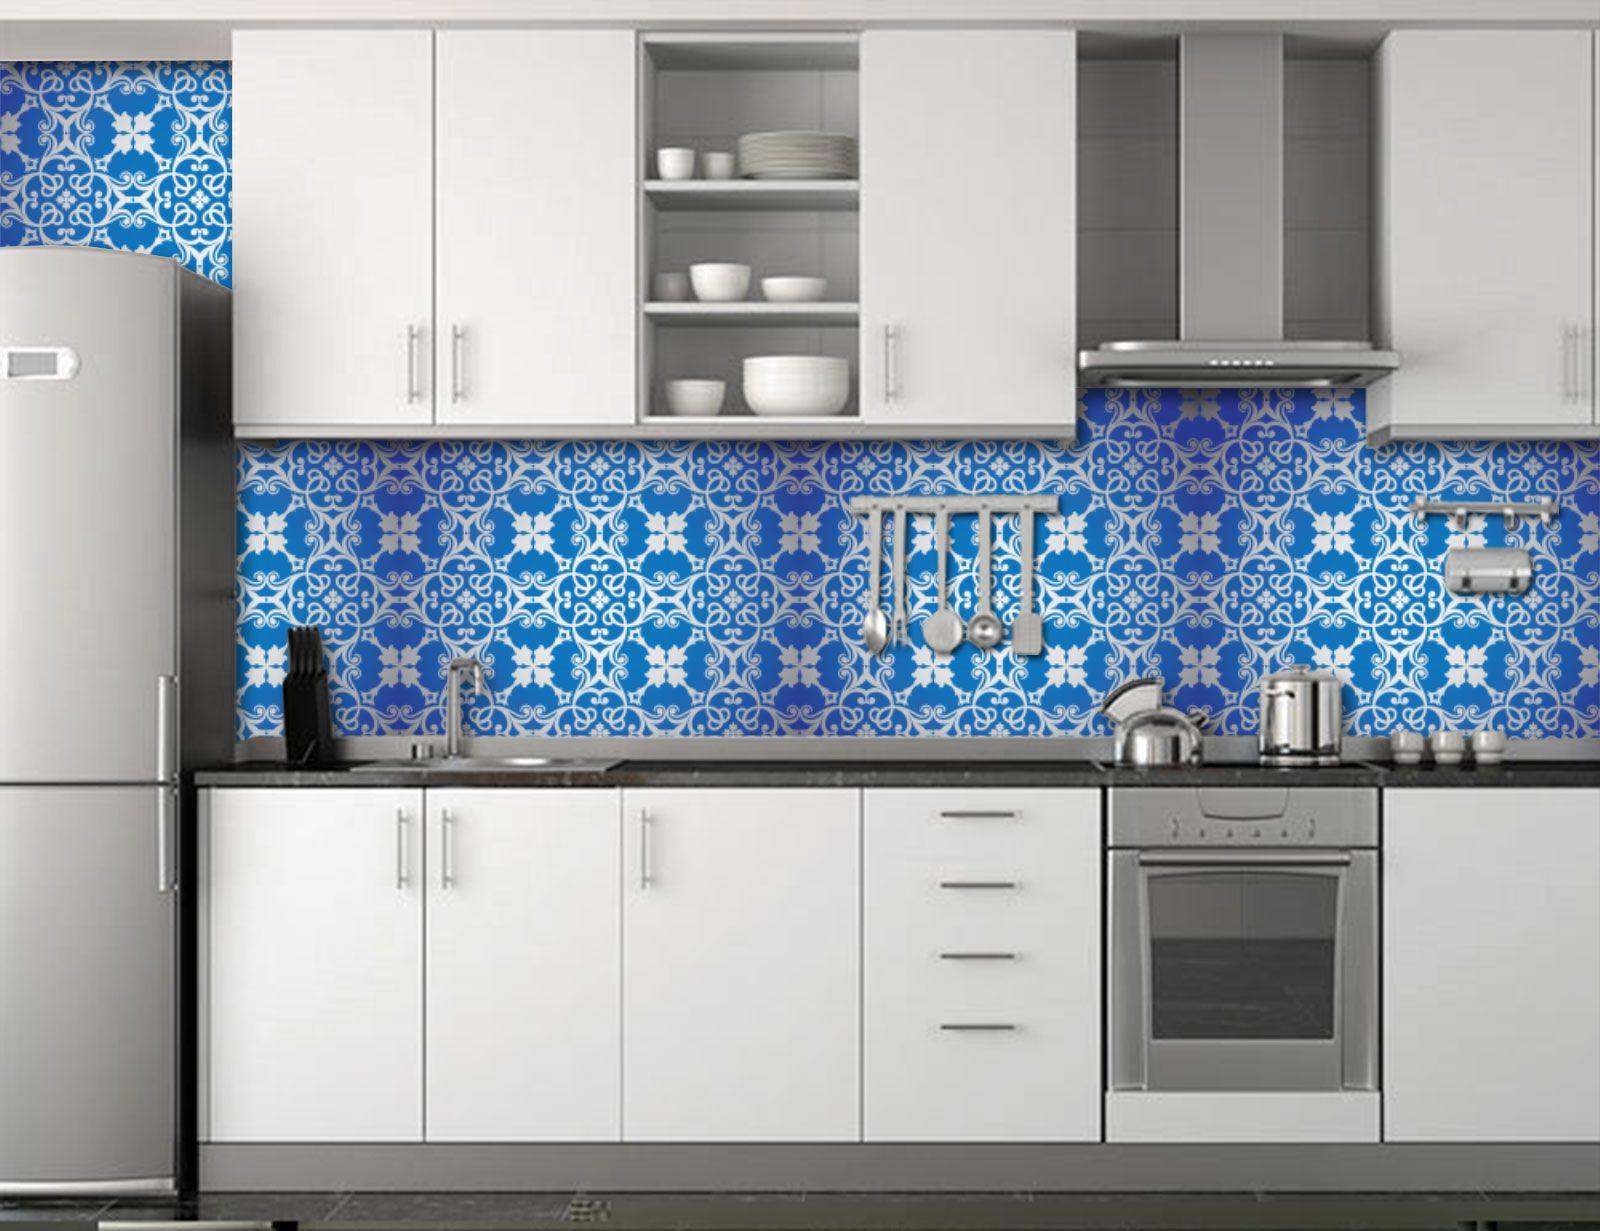 Papel de Parede para Cozinha Azulejos 0039 - Adesivos de Parede  - Paredes Decoradas